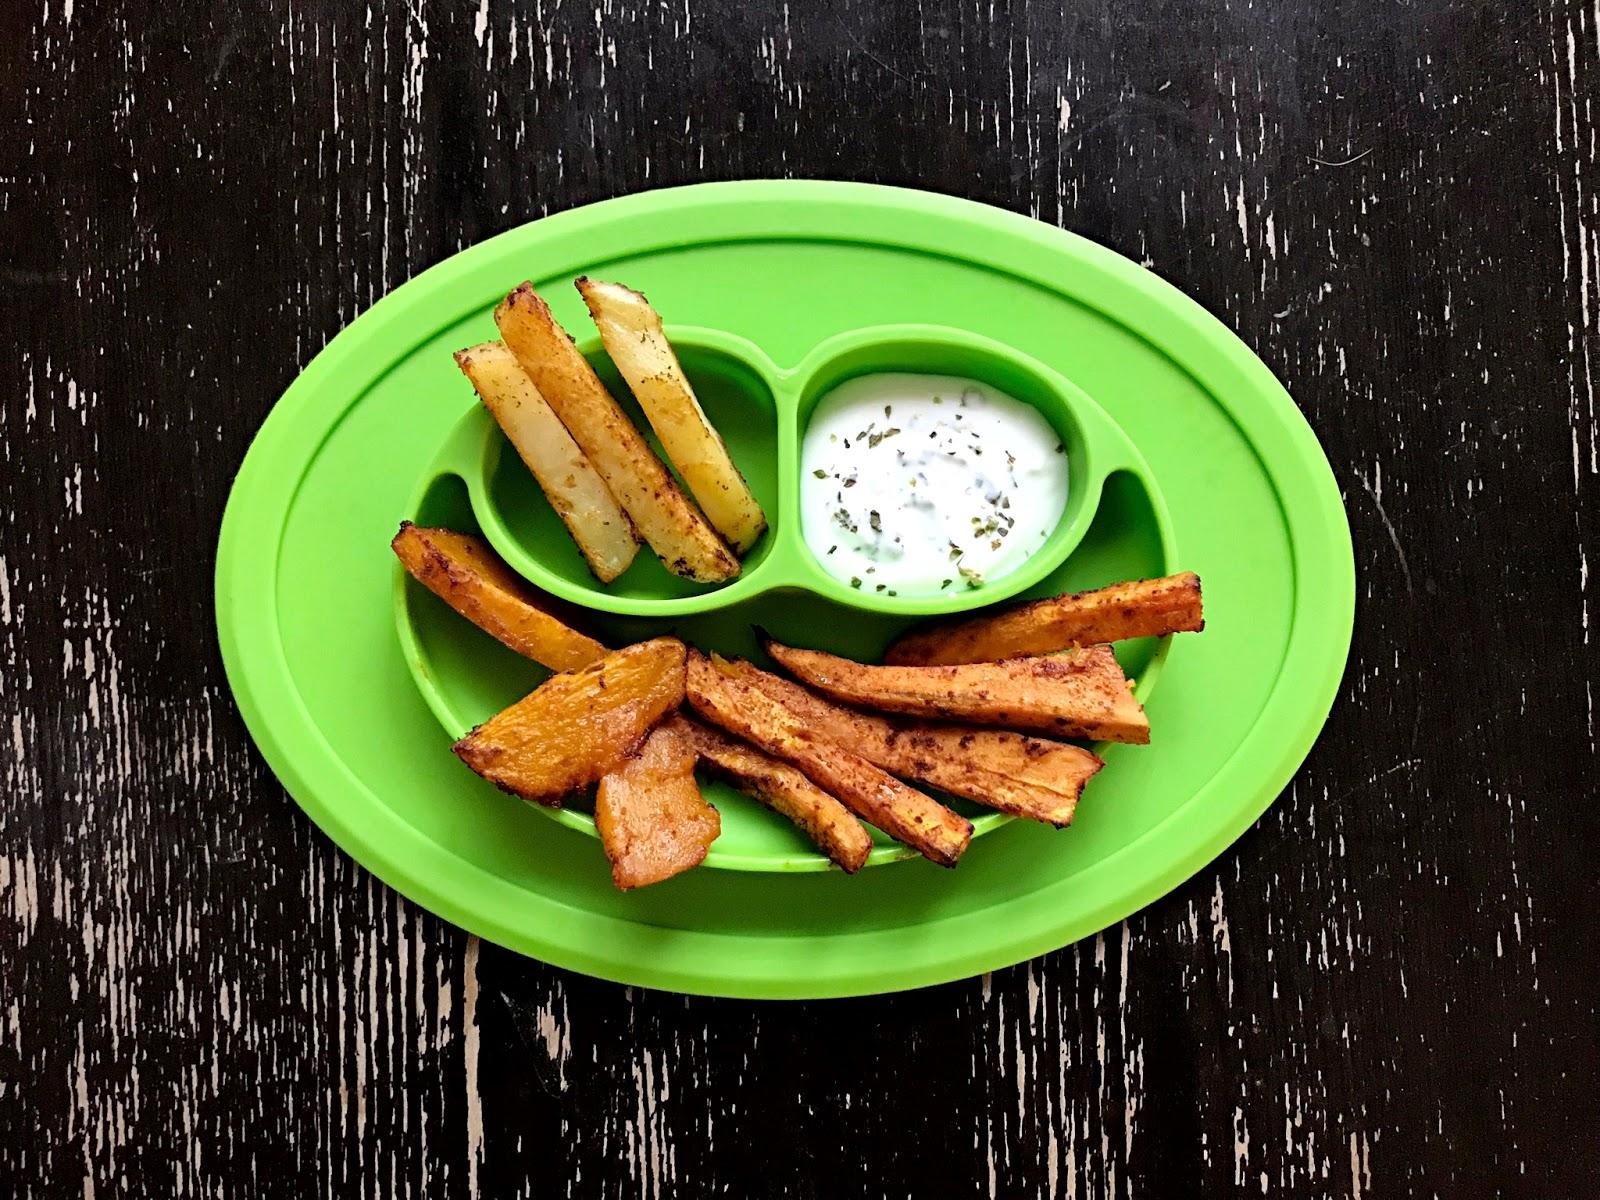 Jesienne frytki z dyni i batatów z sosem jogurtowo-ziołowym